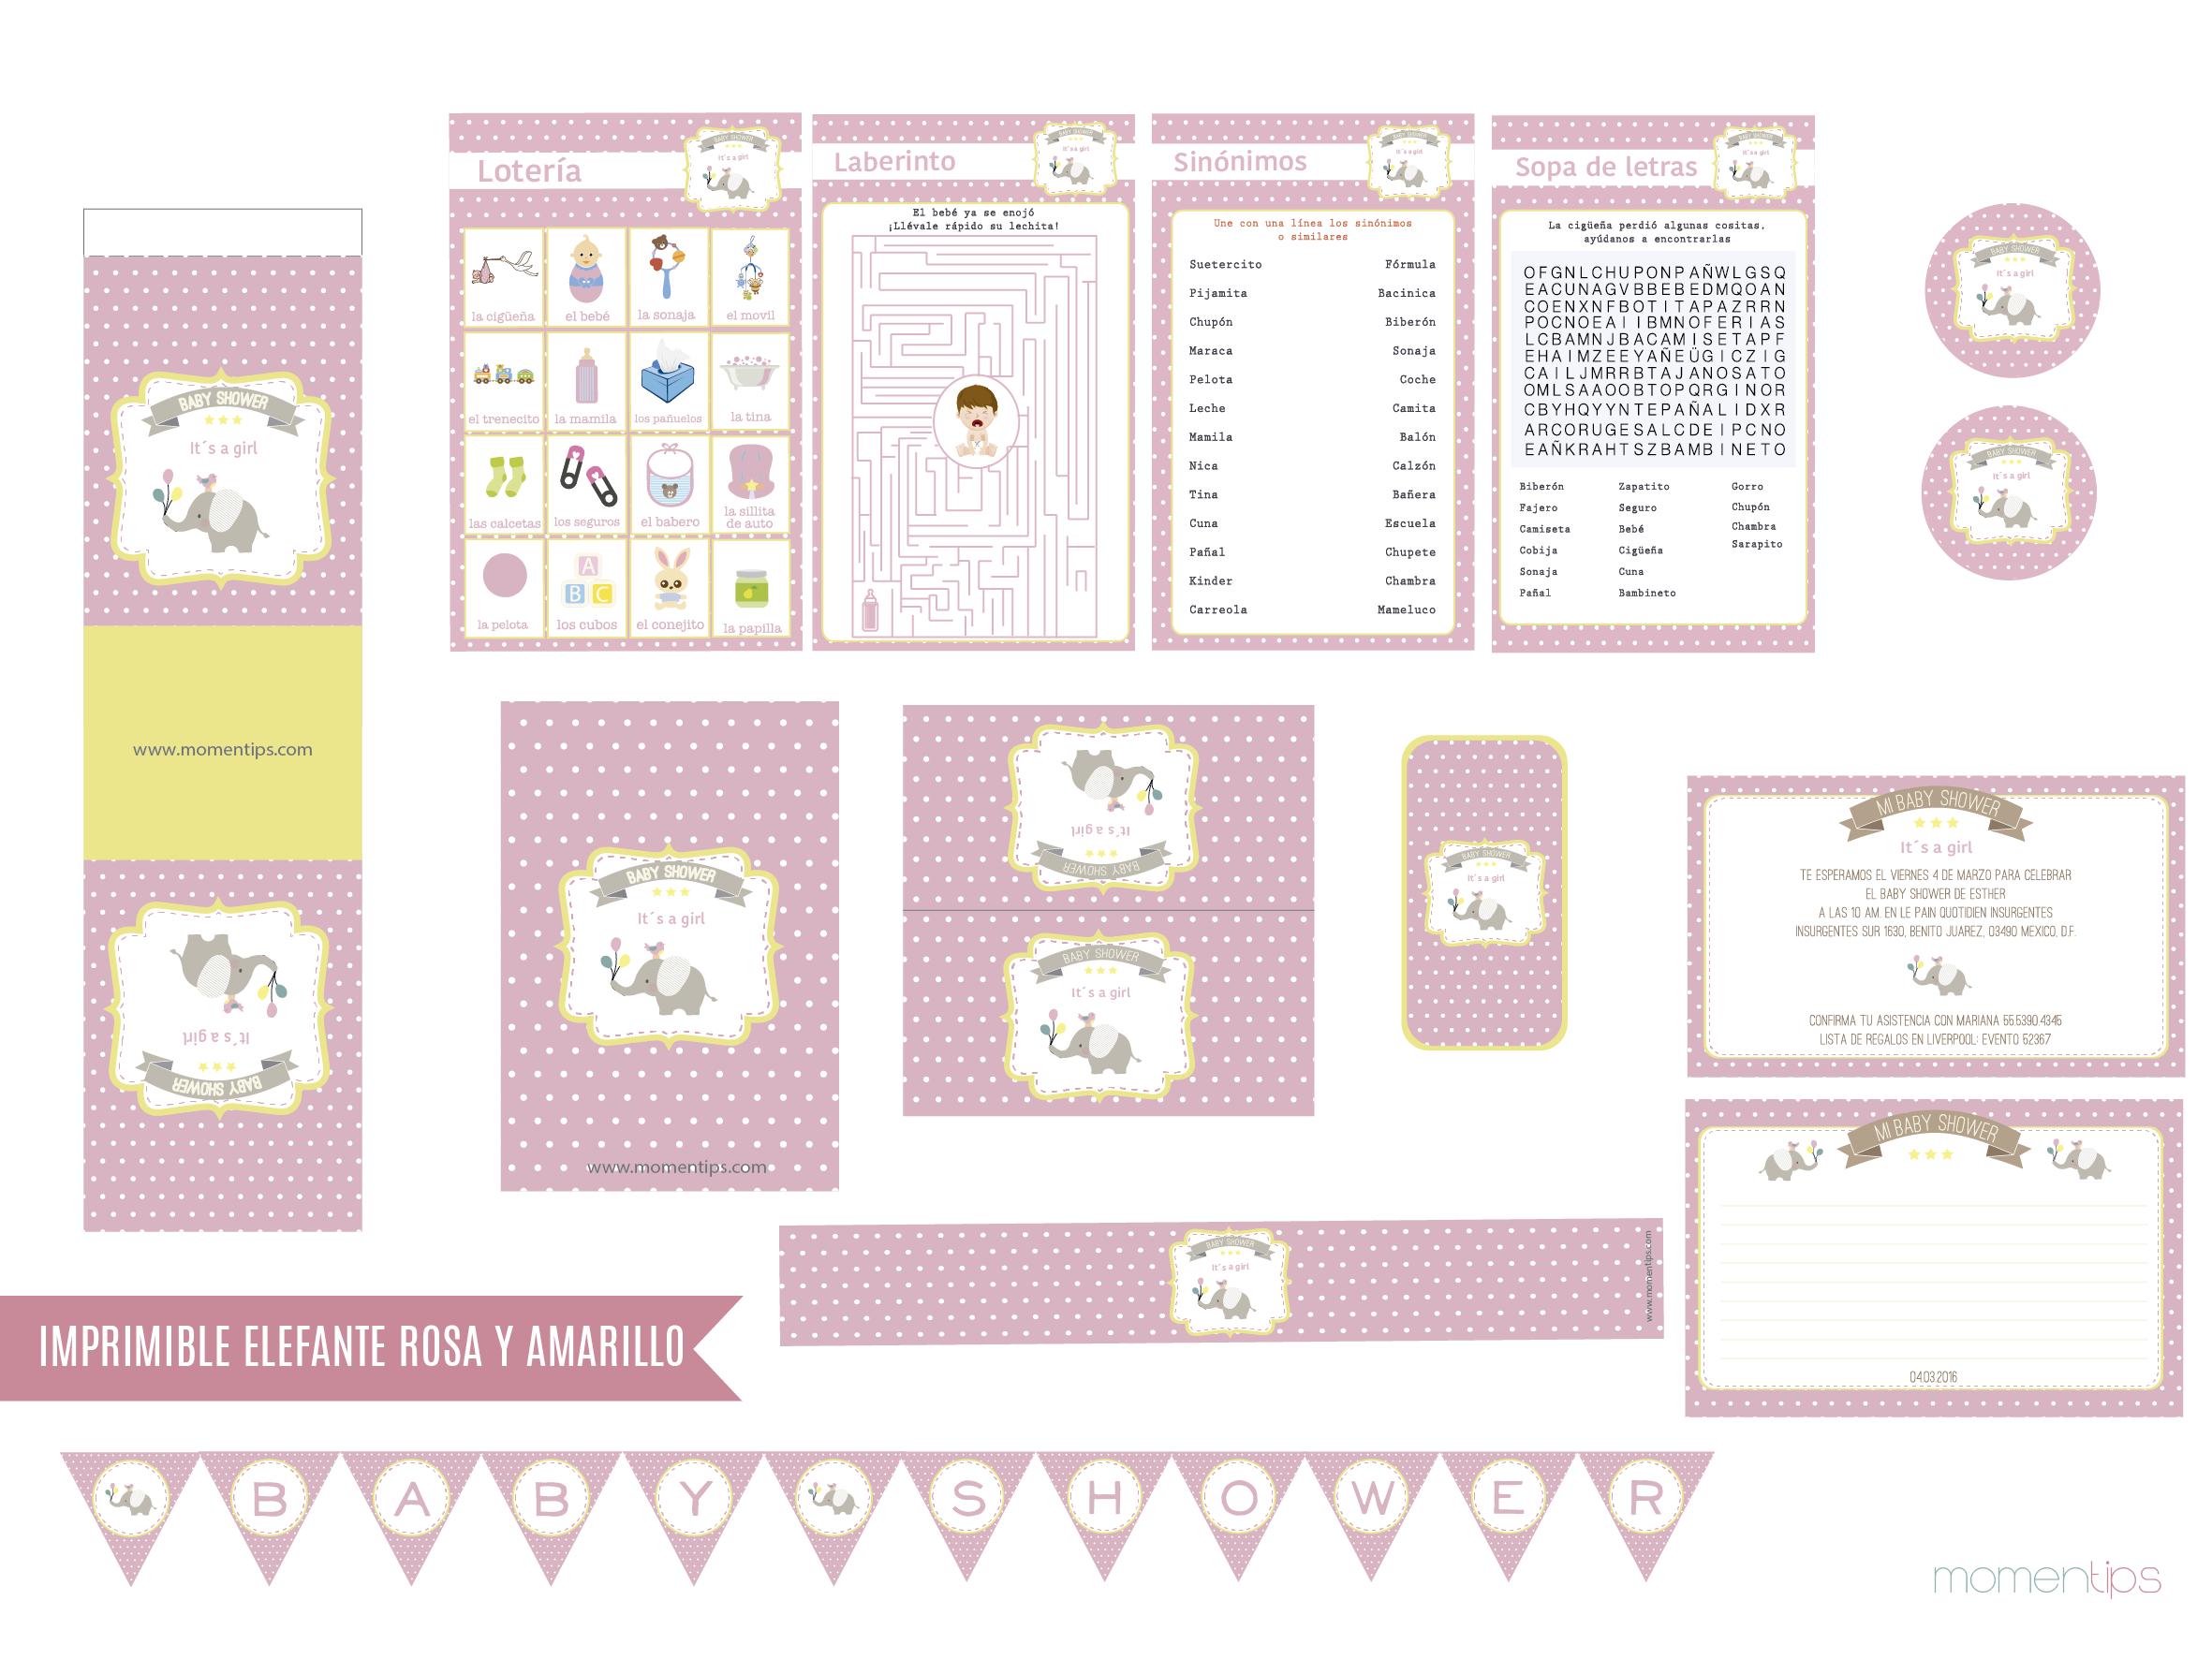 Imagen imprimible elefante rosa y amarillo-01